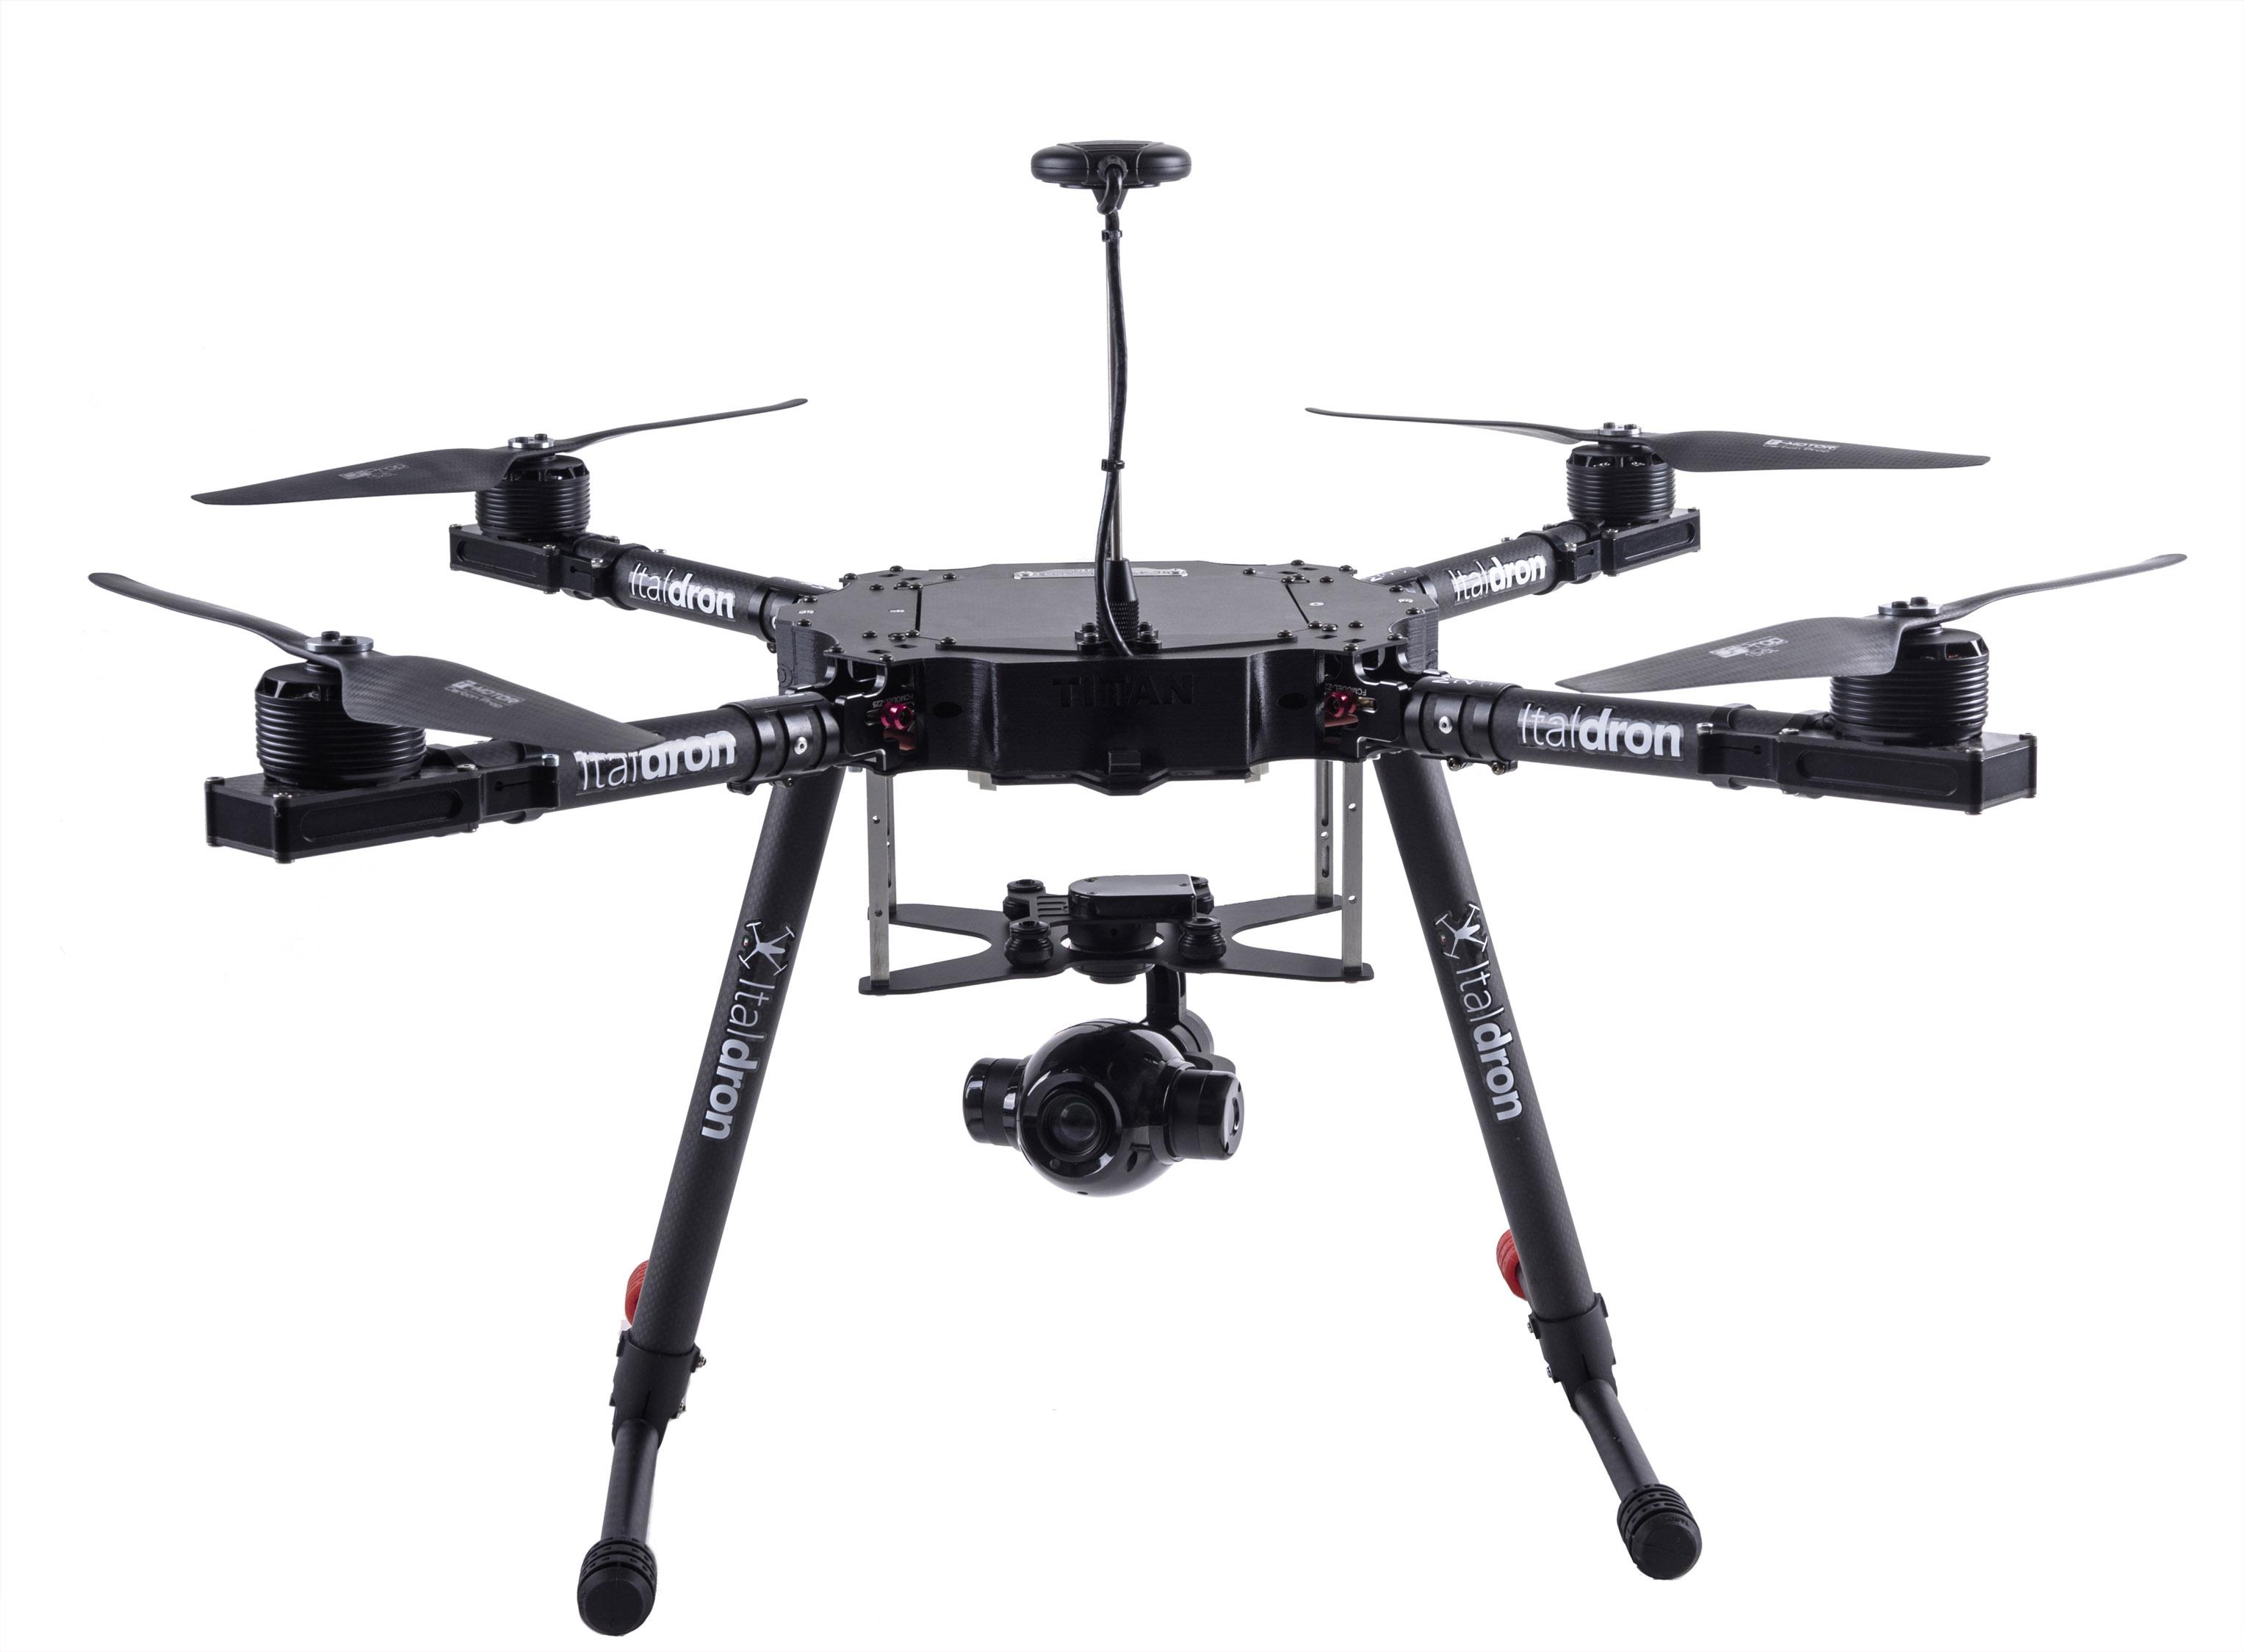 produzione e vendita di droni professionali italdron: titan 4hse